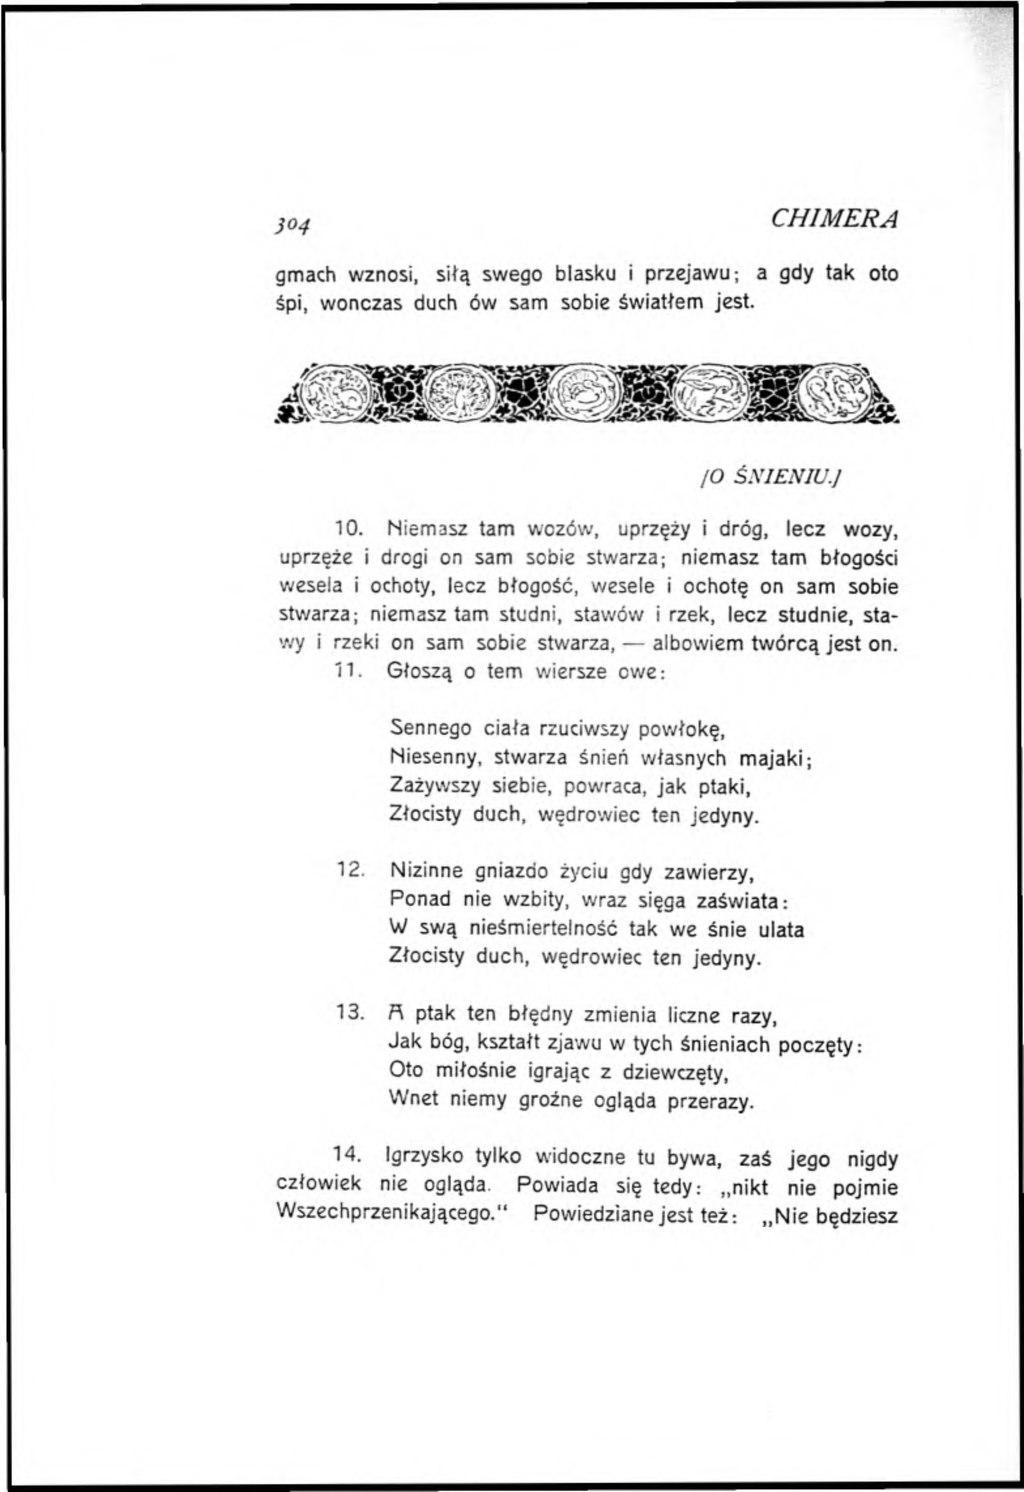 Pagechimera 1907 Z 28 30djvu317 Wikisource